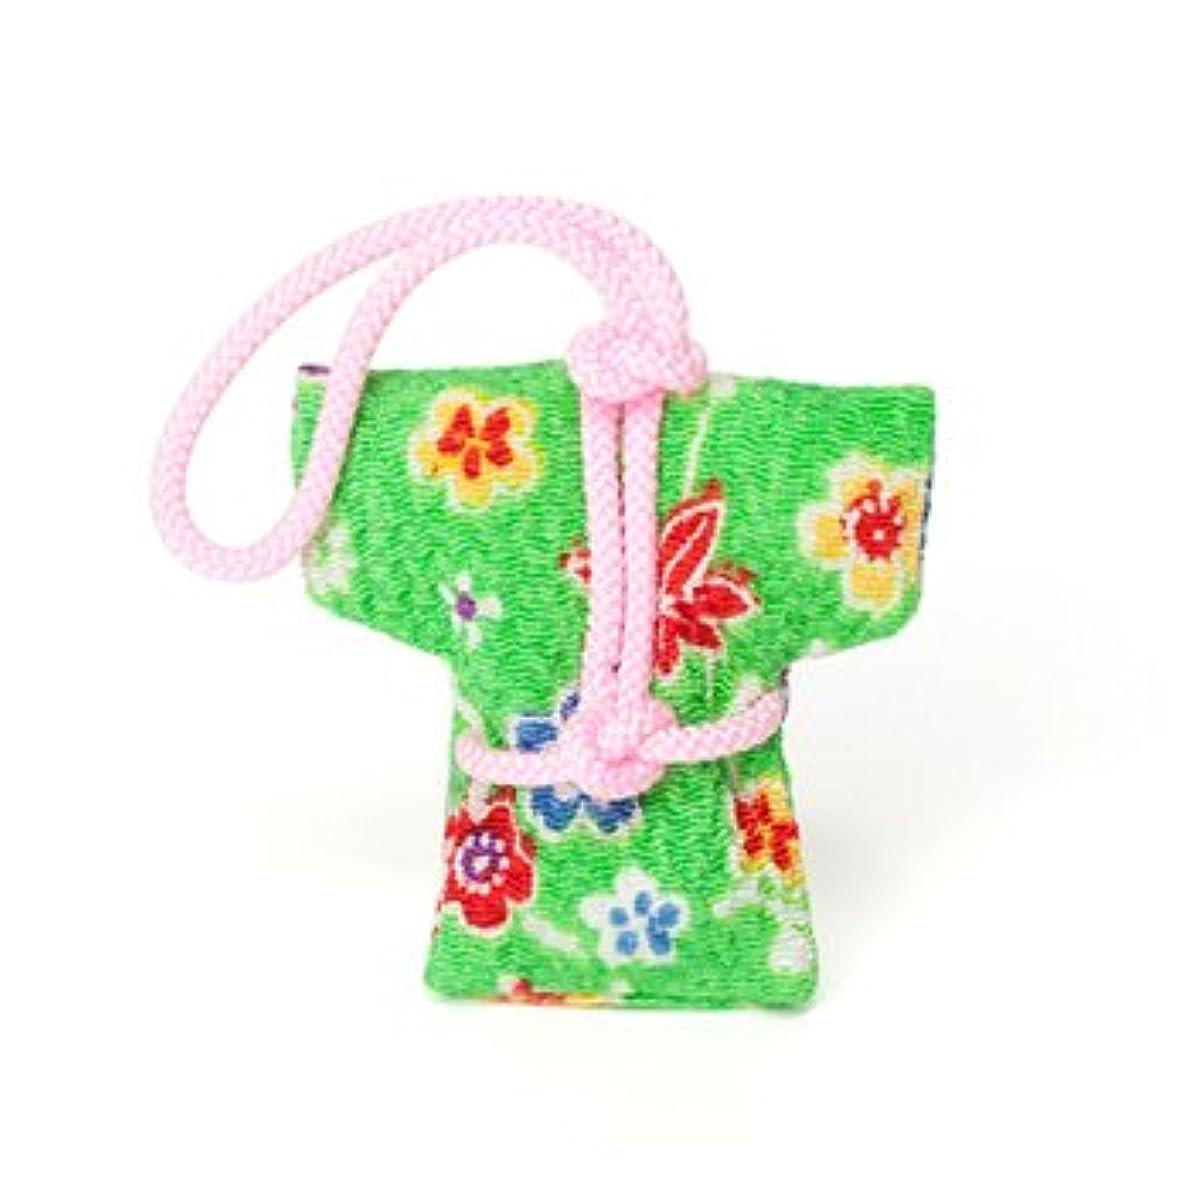 ペルー蜂奇跡匂い袋 誰が袖 やっこさん 1個入 ケースなし (色?柄は選べません)